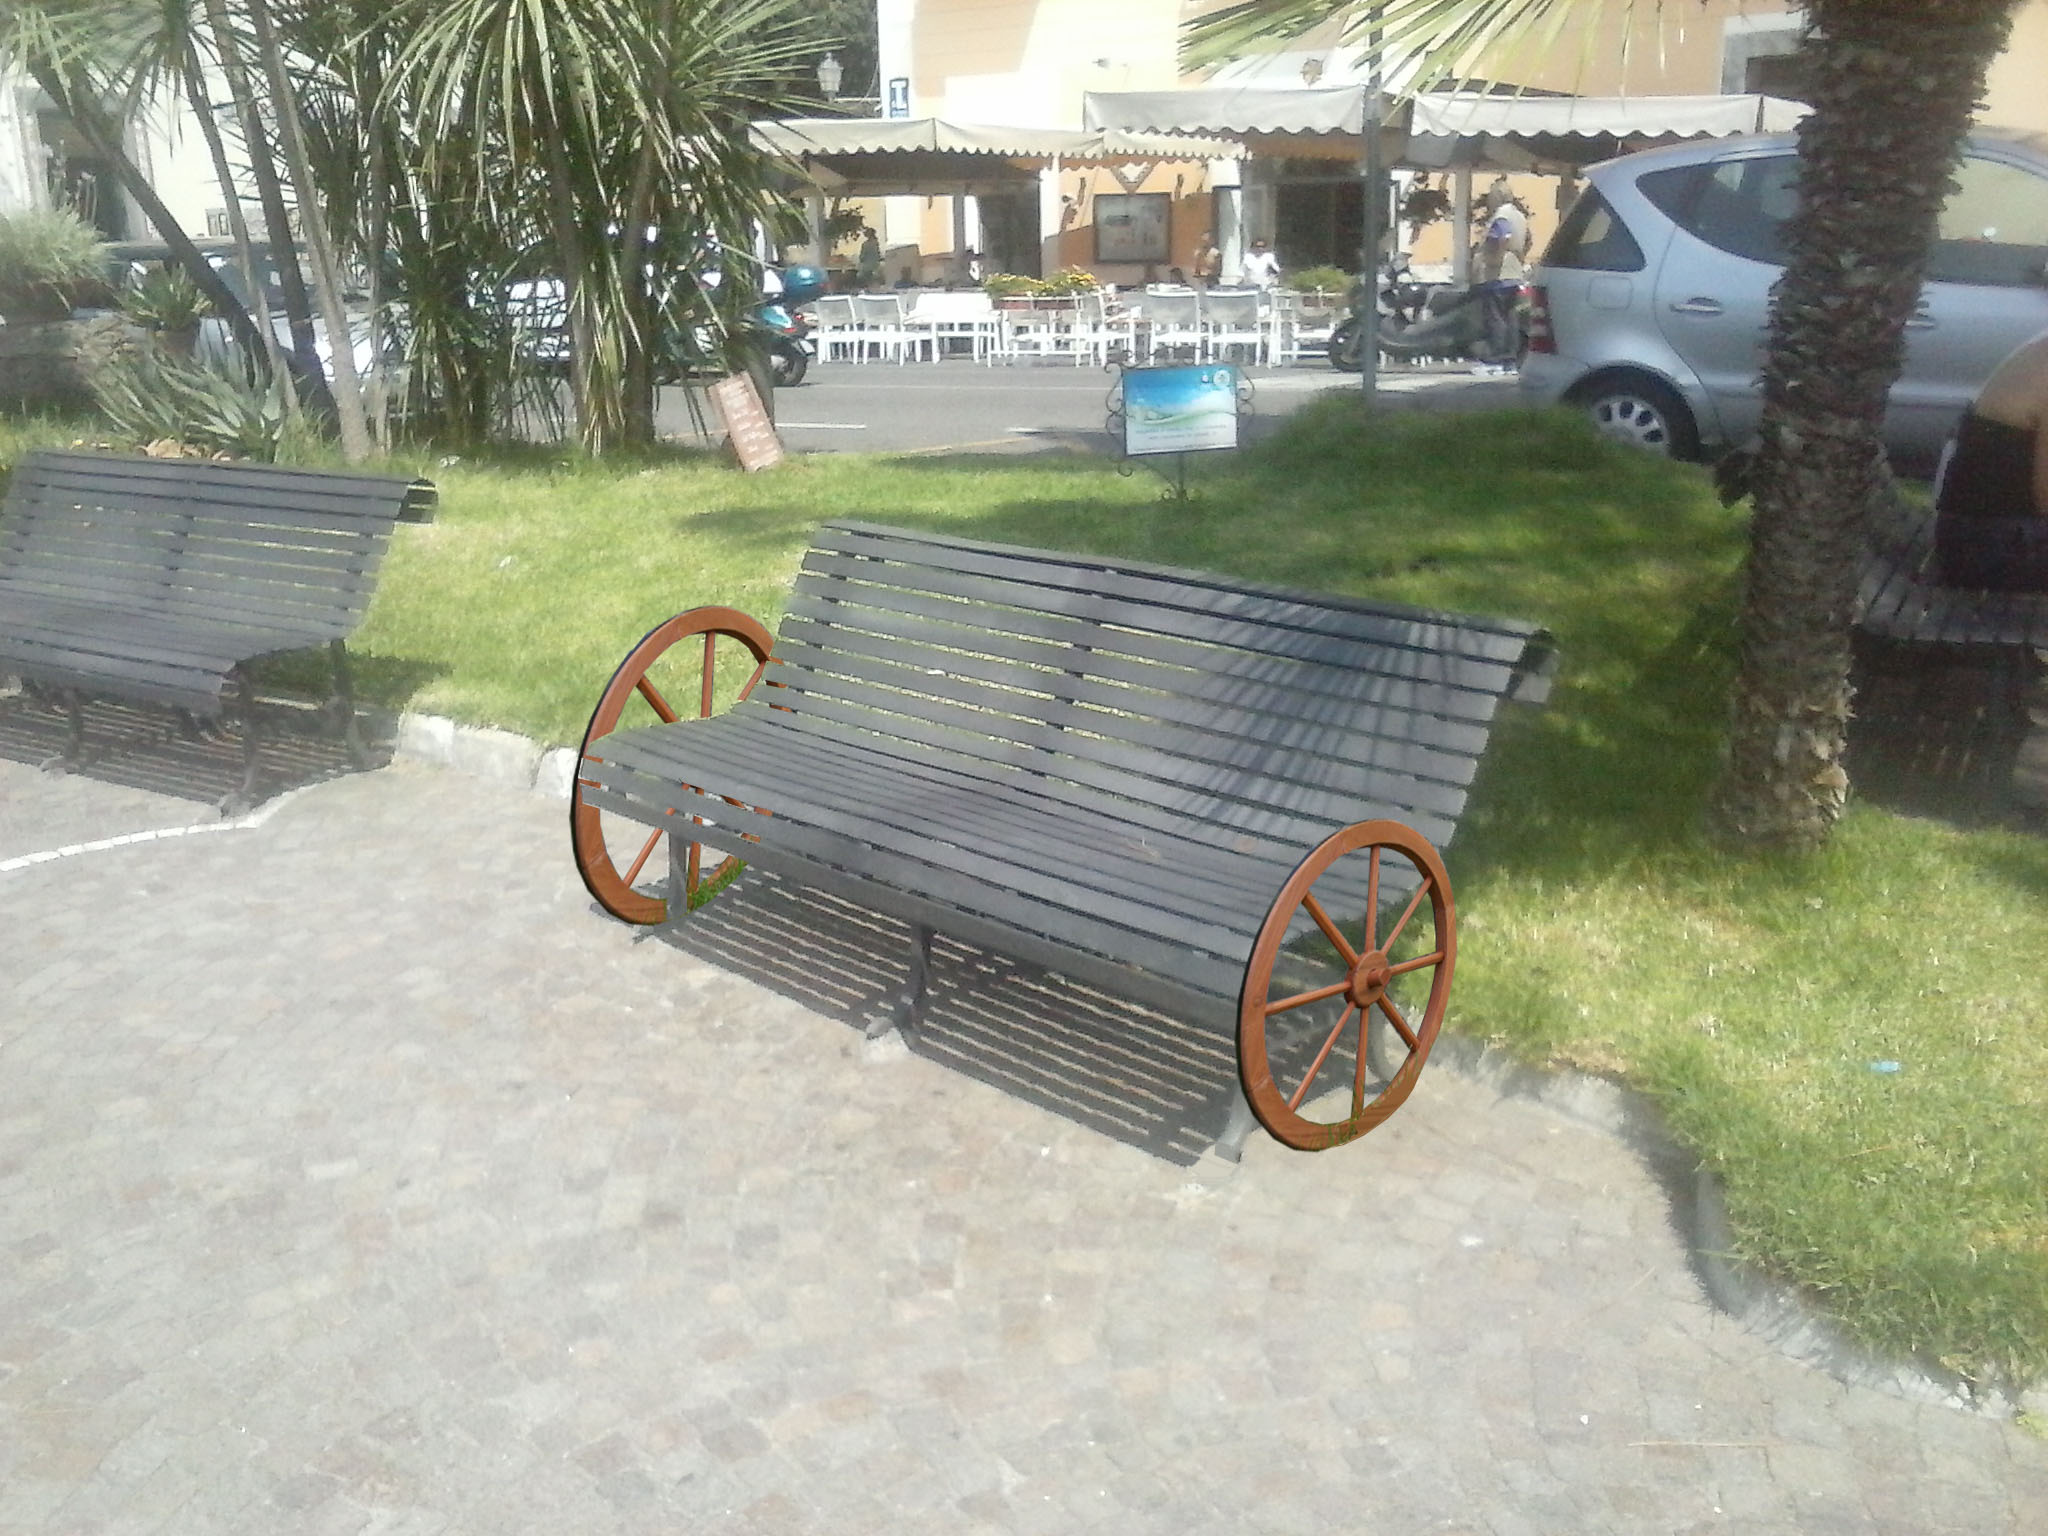 Panchina Lungomare : La panchina con le ruote christian de iuliis architetto